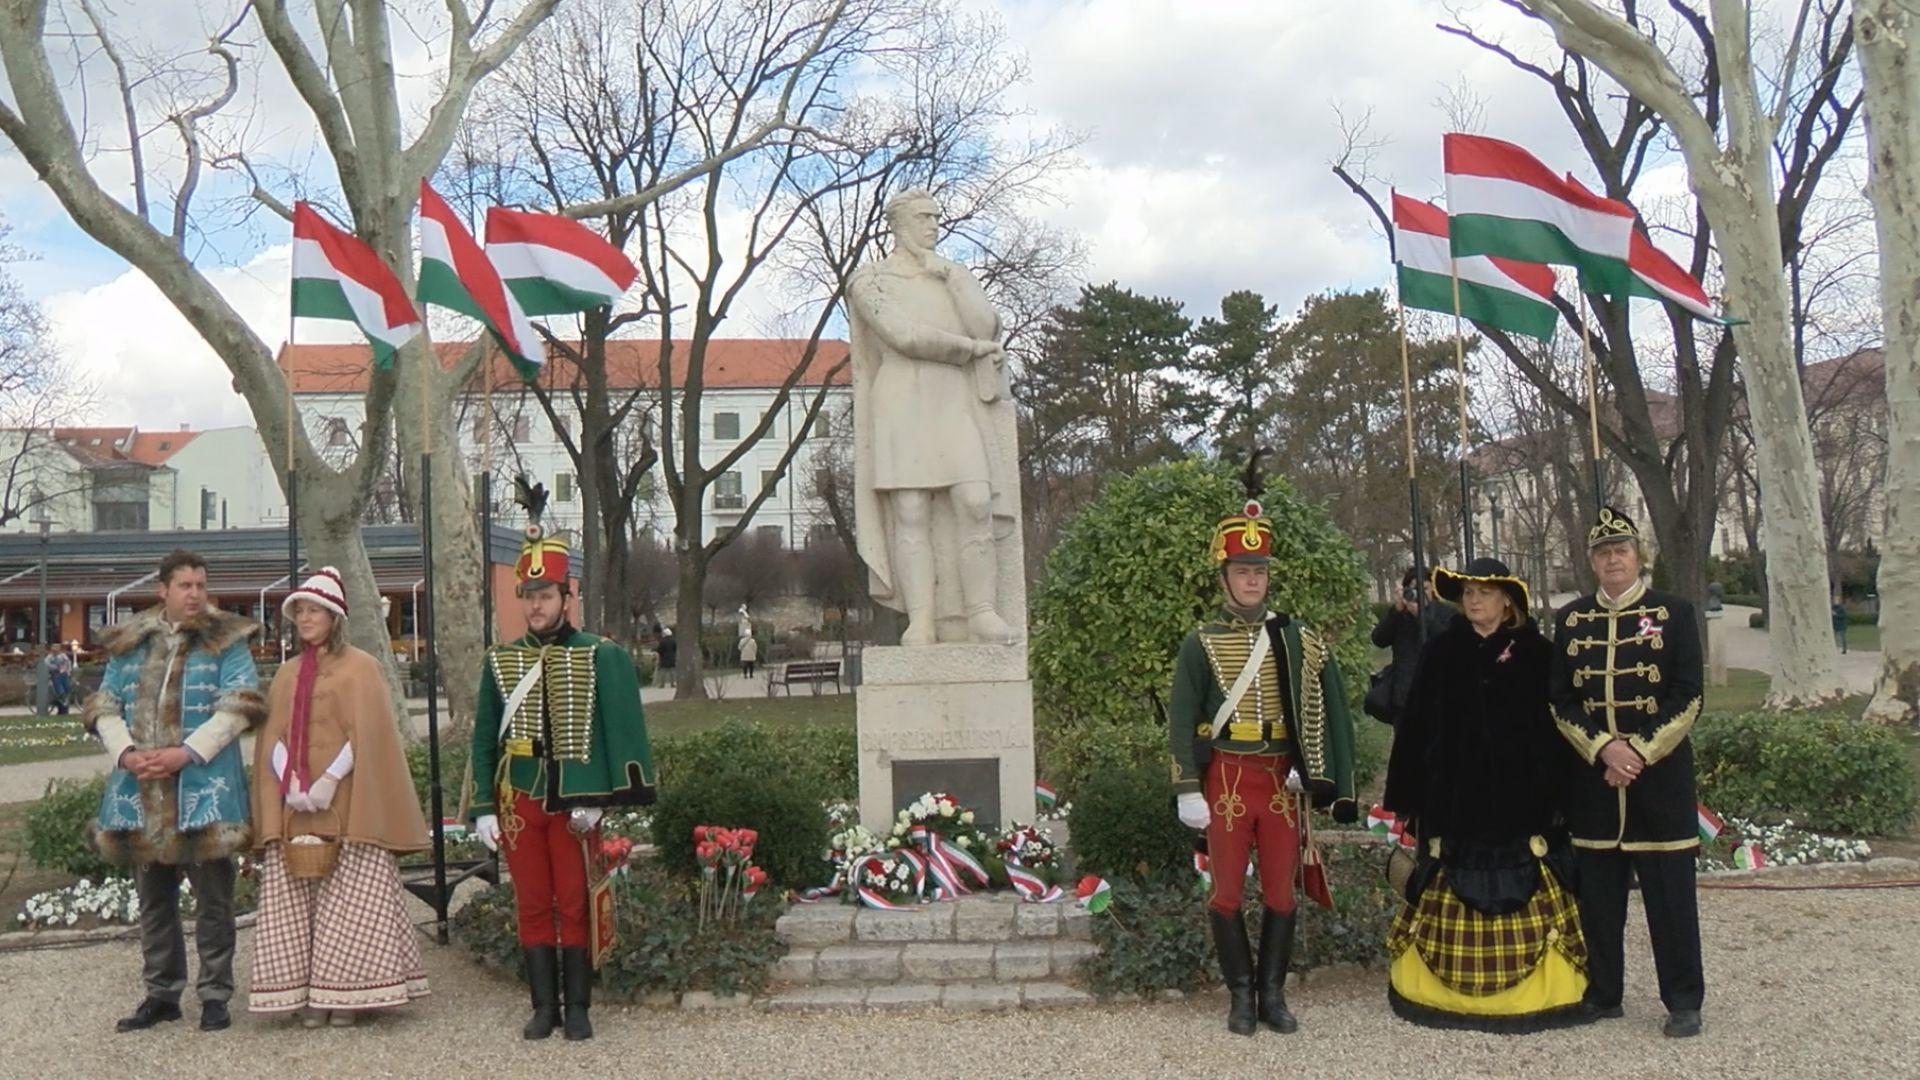 Balatonfüreden is megemlékeztek a márciusi ifjakról